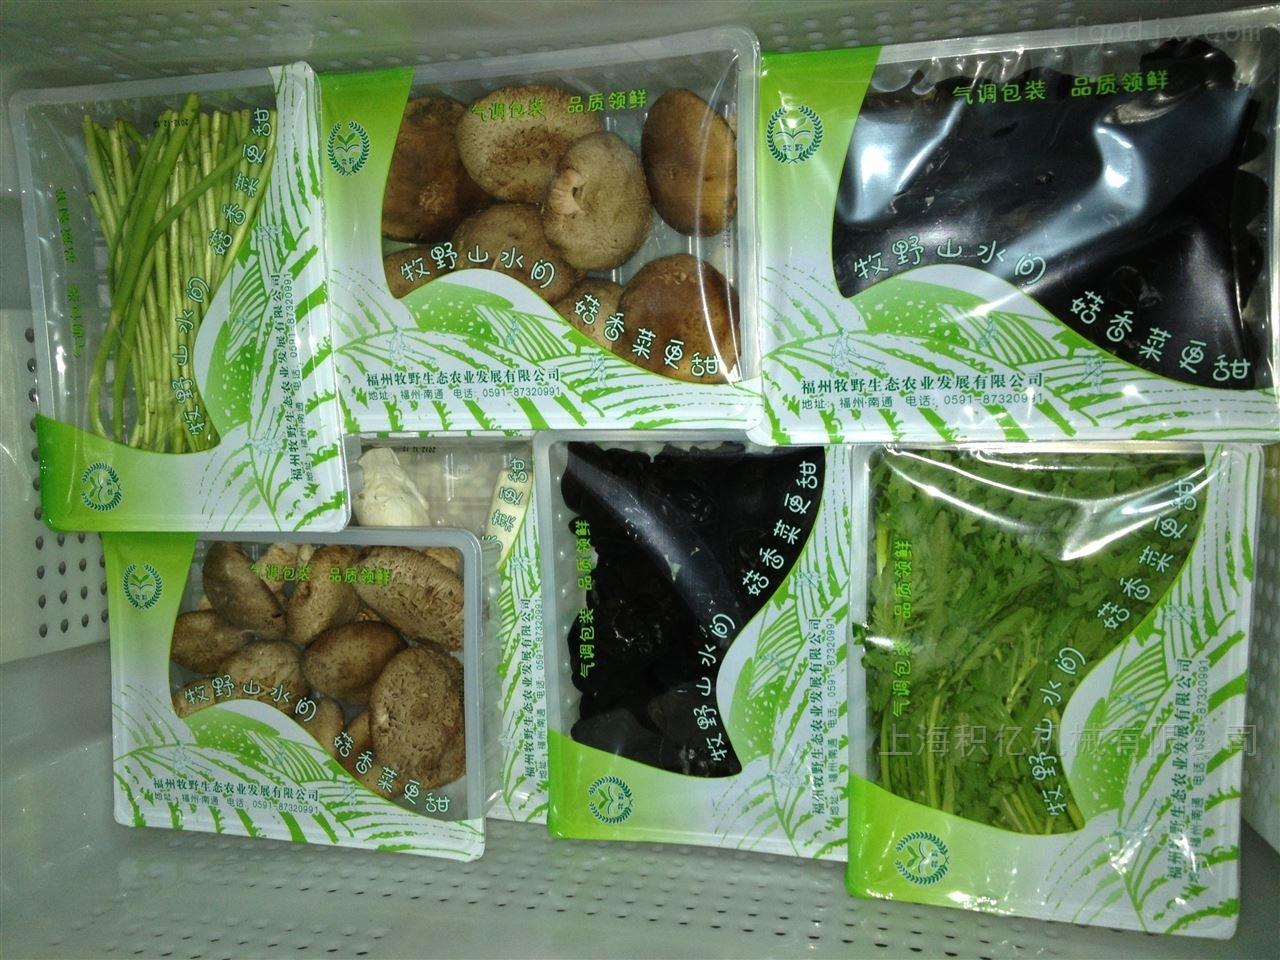 菌菇蔬菜类全自动气调保鲜包装机